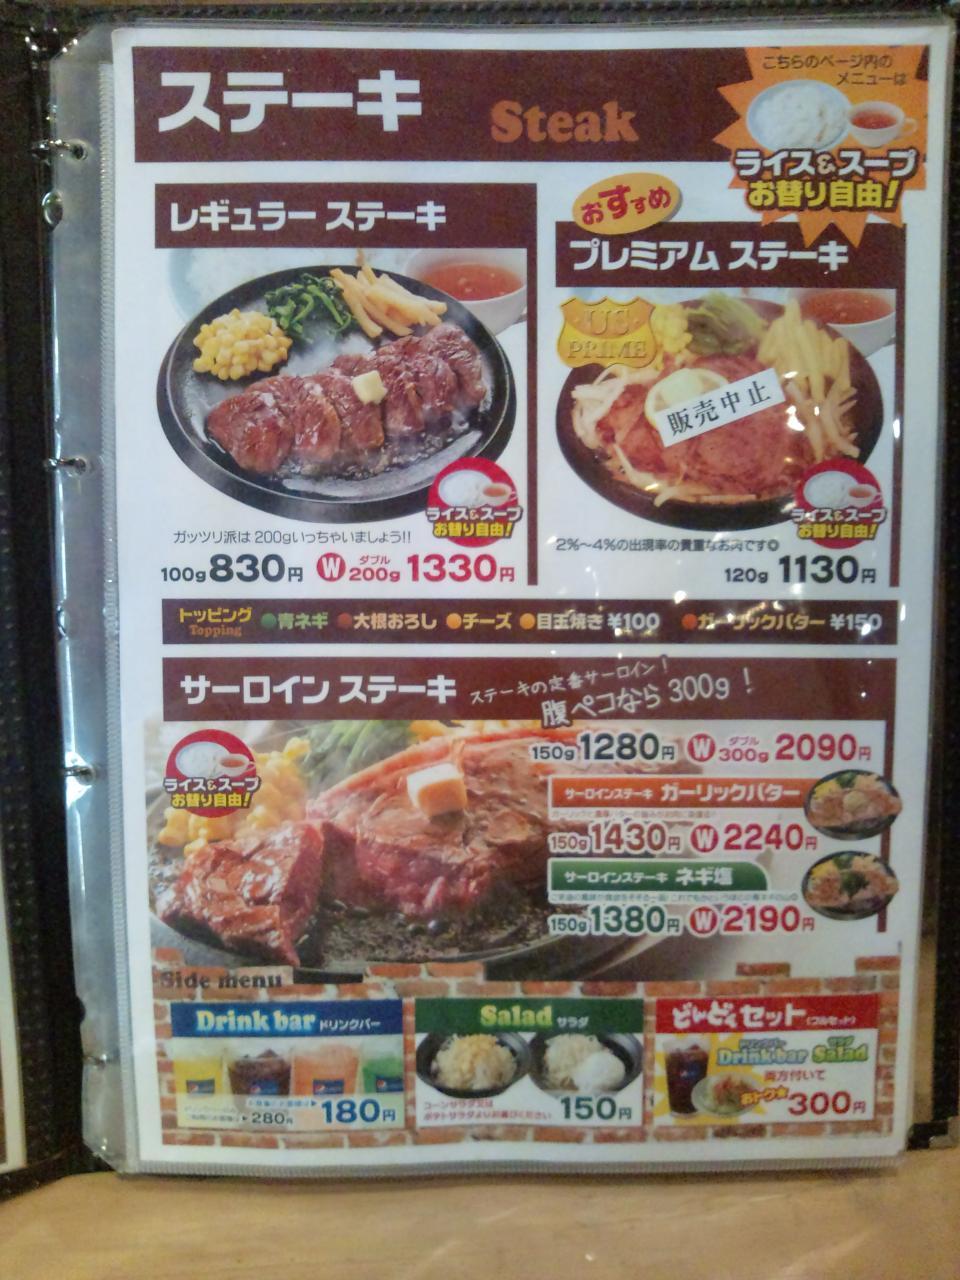 すためし渋谷センター街(メニュー)